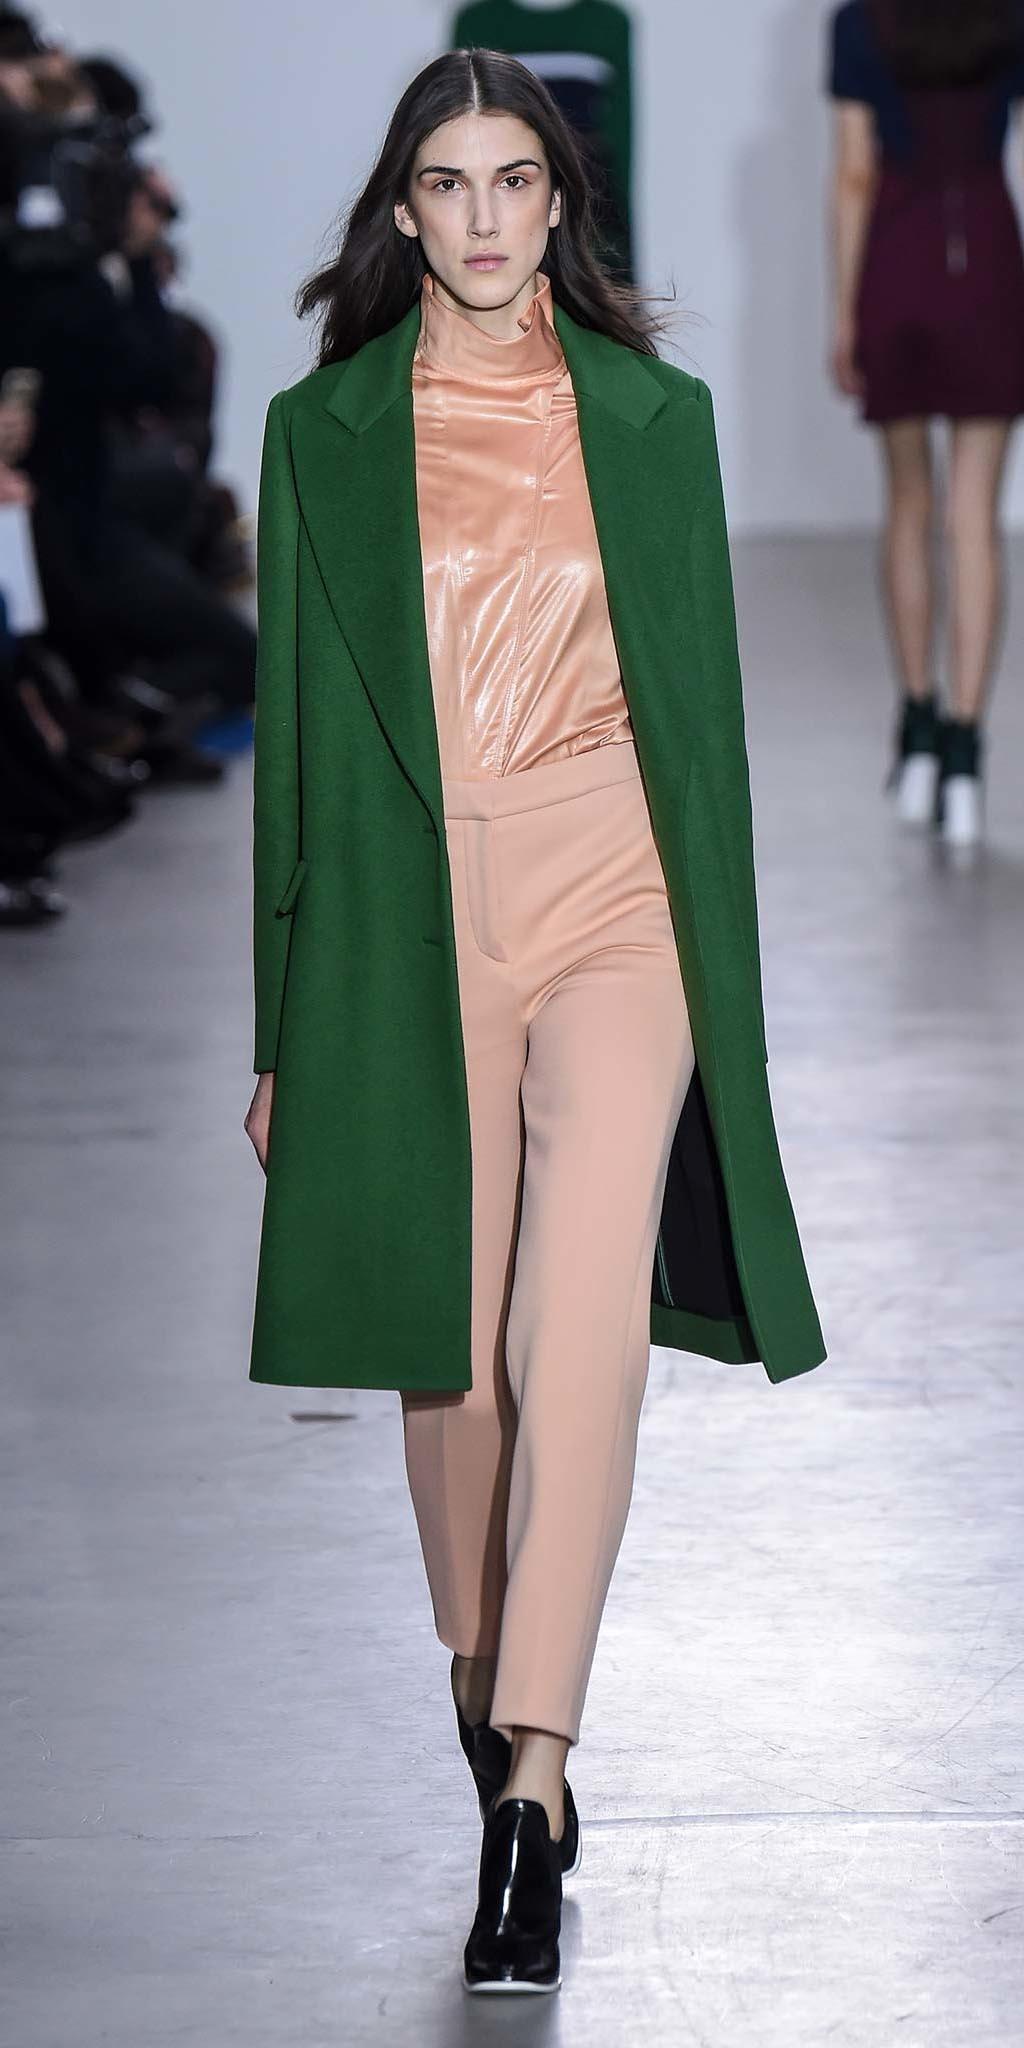 peach-slim-pants-peach-top-black-shoe-booties-runway-green-emerald-jacket-coat-fall-winter-brun-dinner.jpg